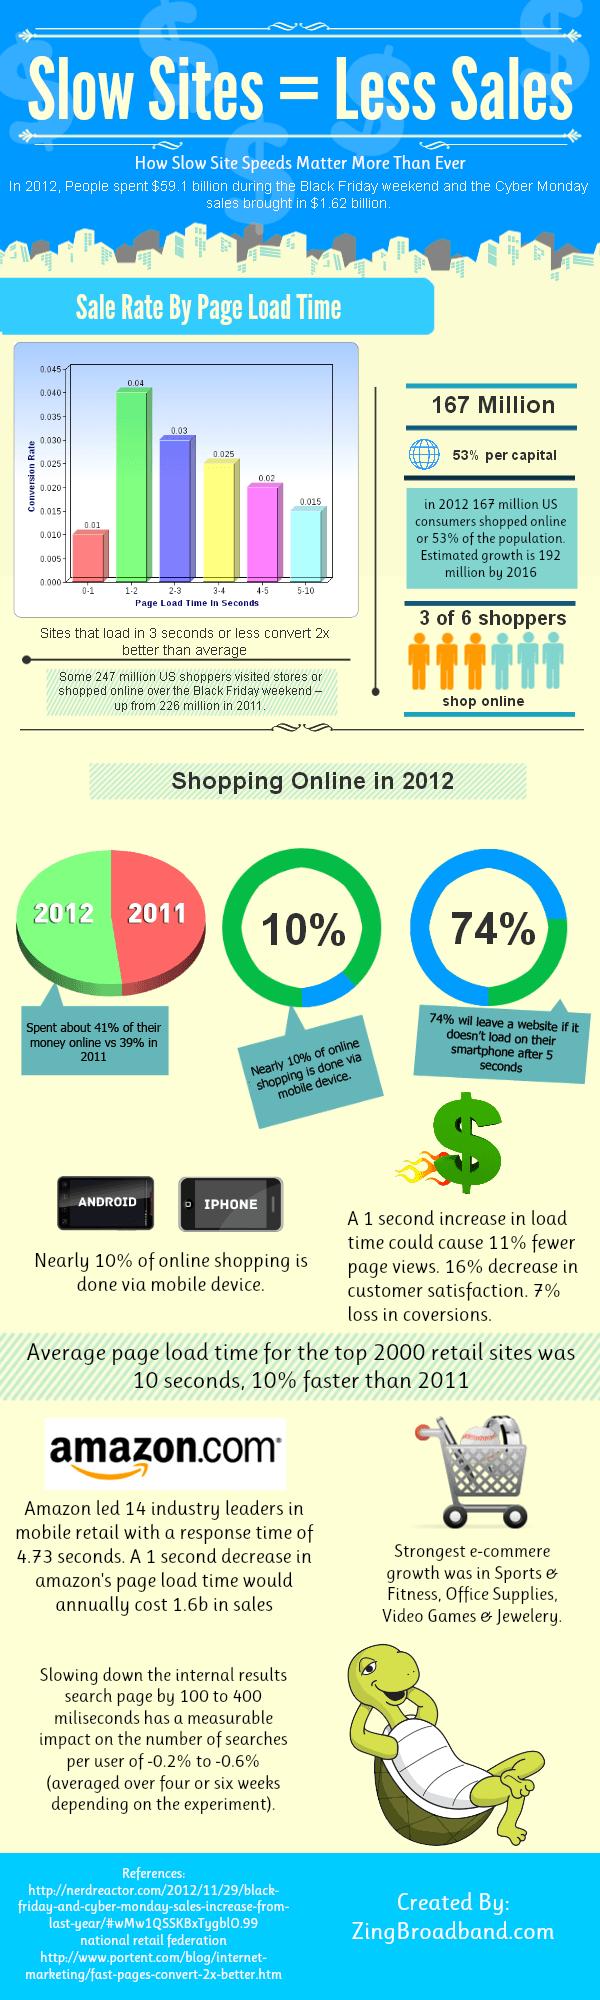 Slow sites have less sales